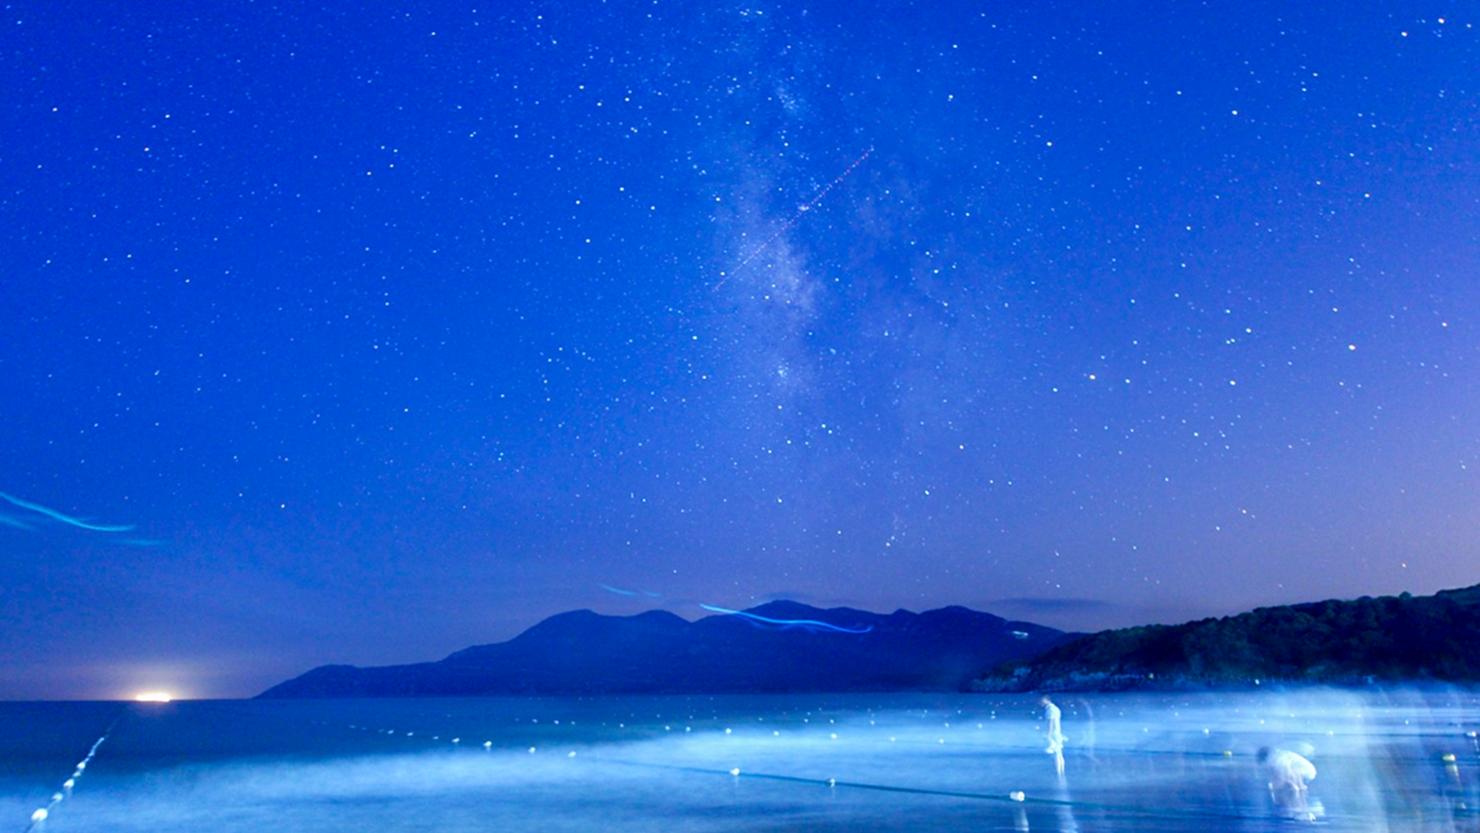 漂白烏雲作品:藍蘭的海。藍蘭的天